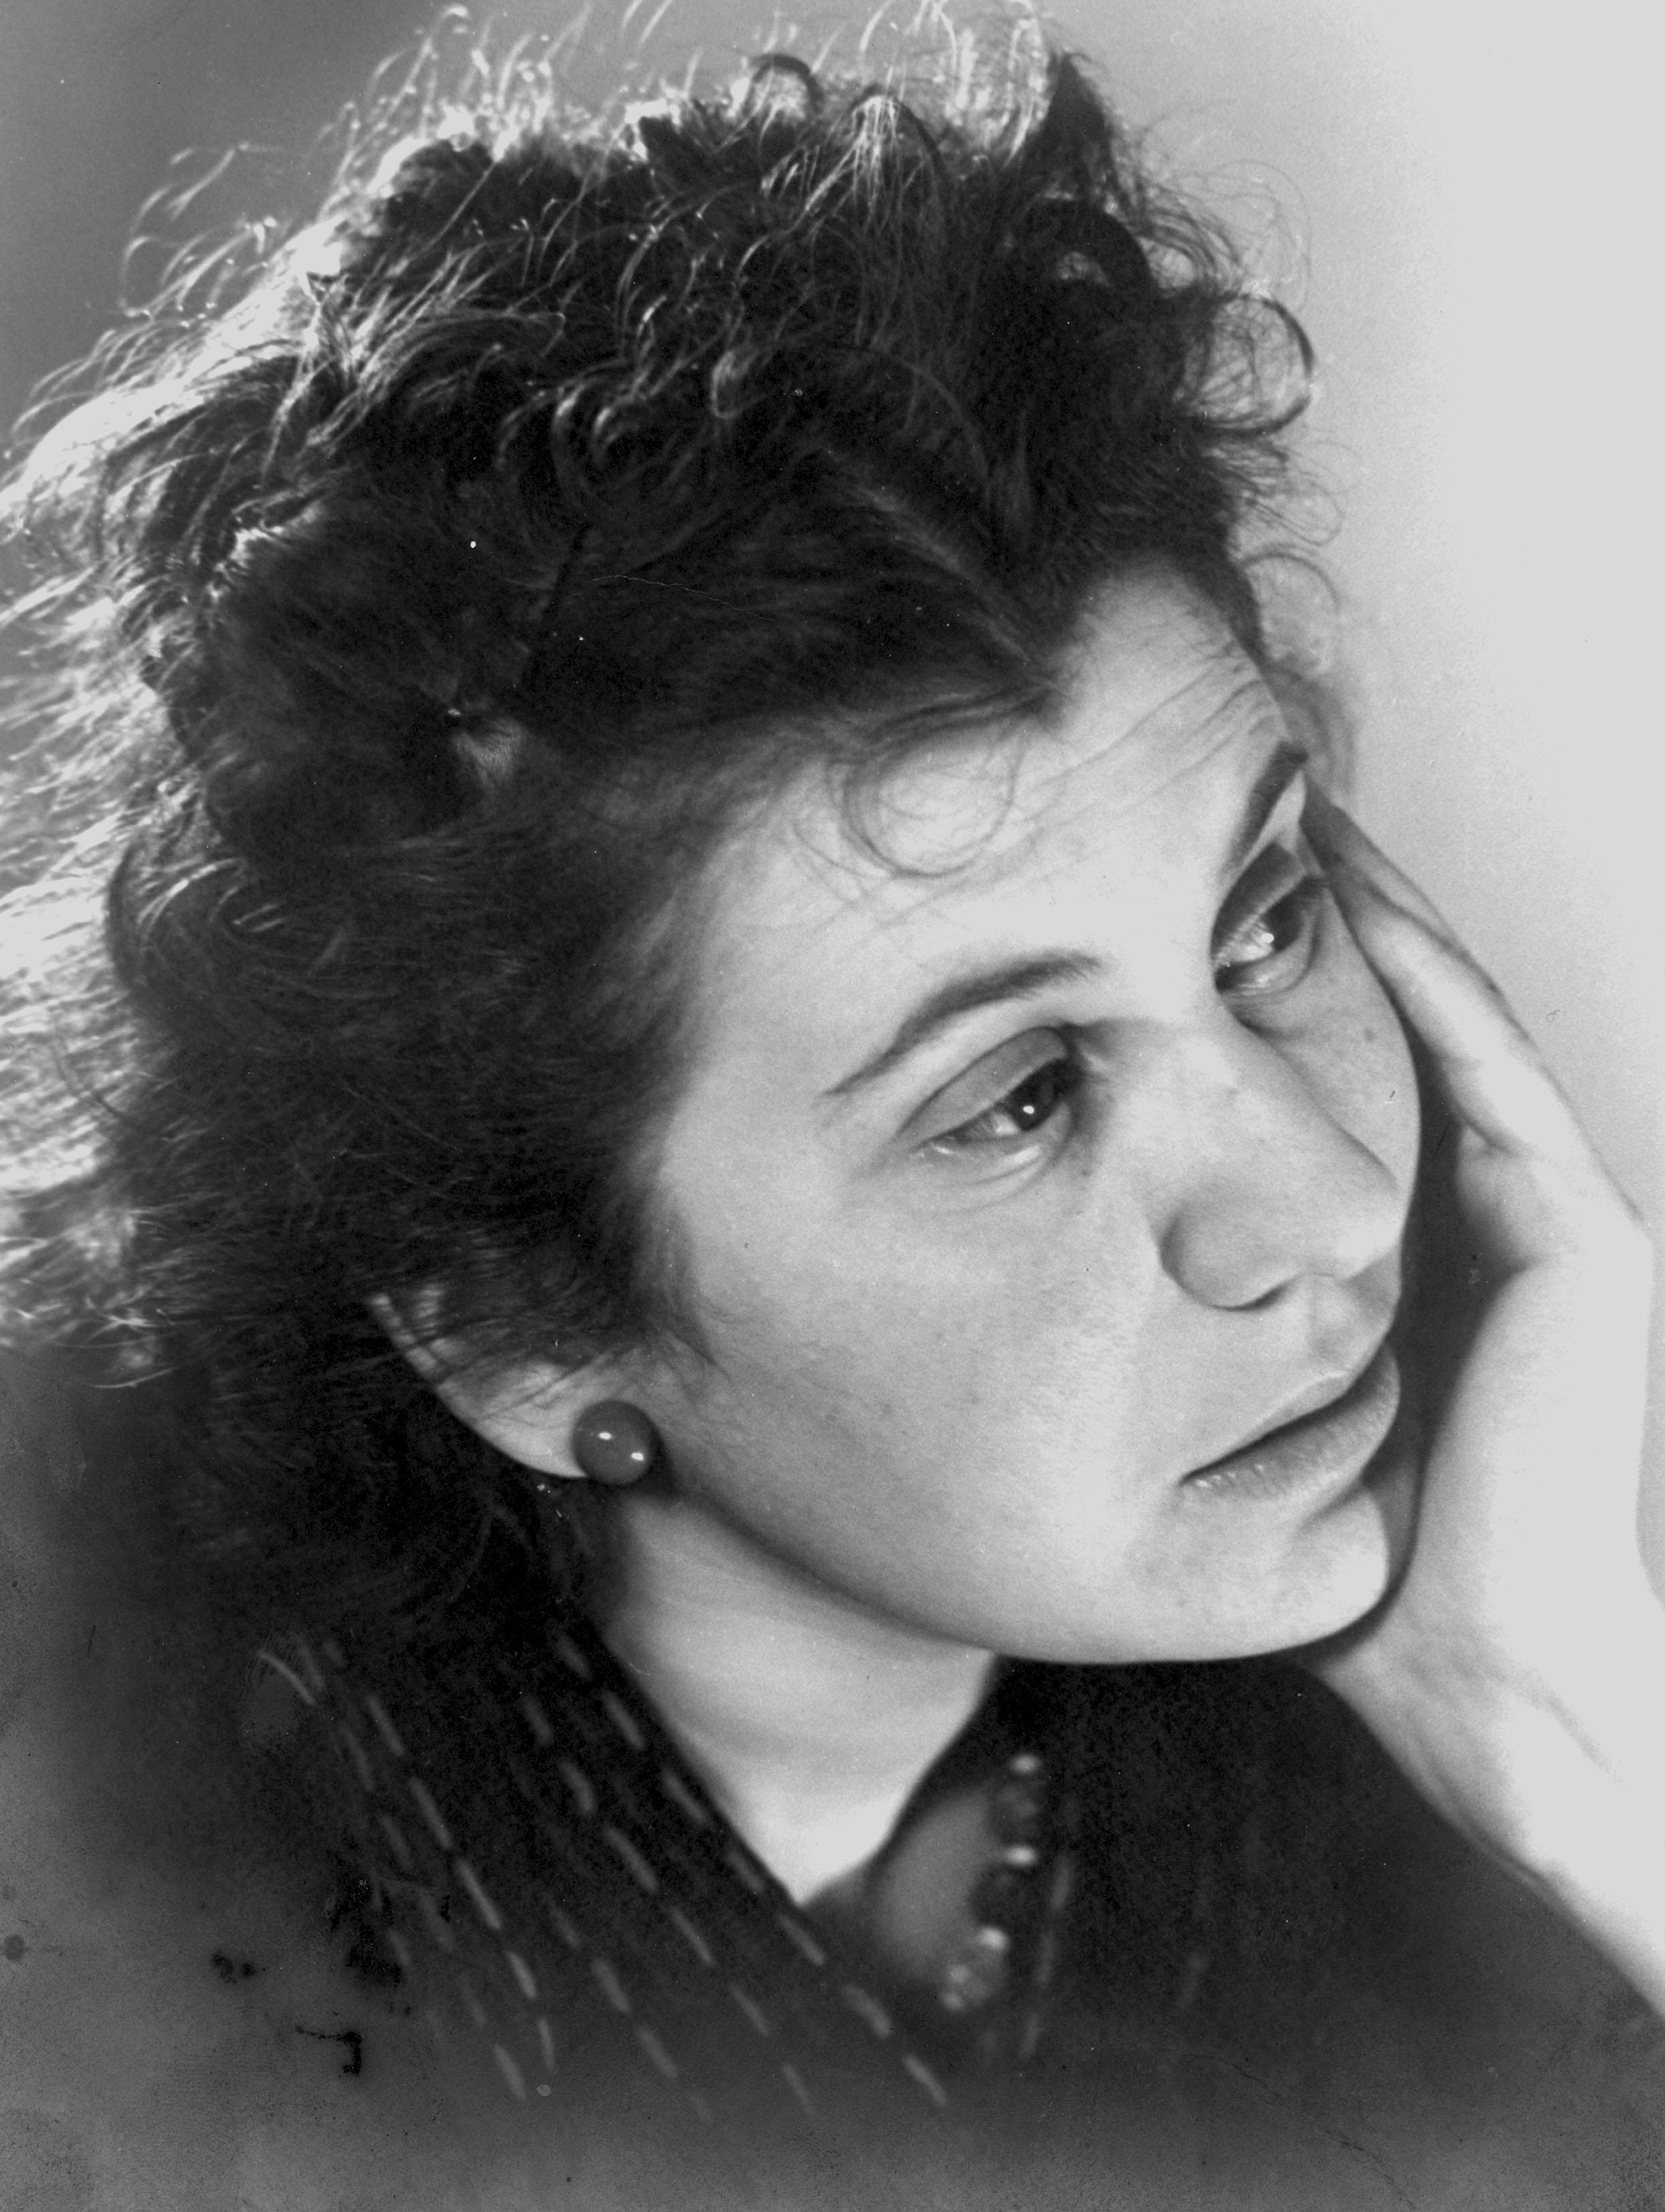 File:Portretfoto van Etty Hillesum met hand onder haar kin, circa ...